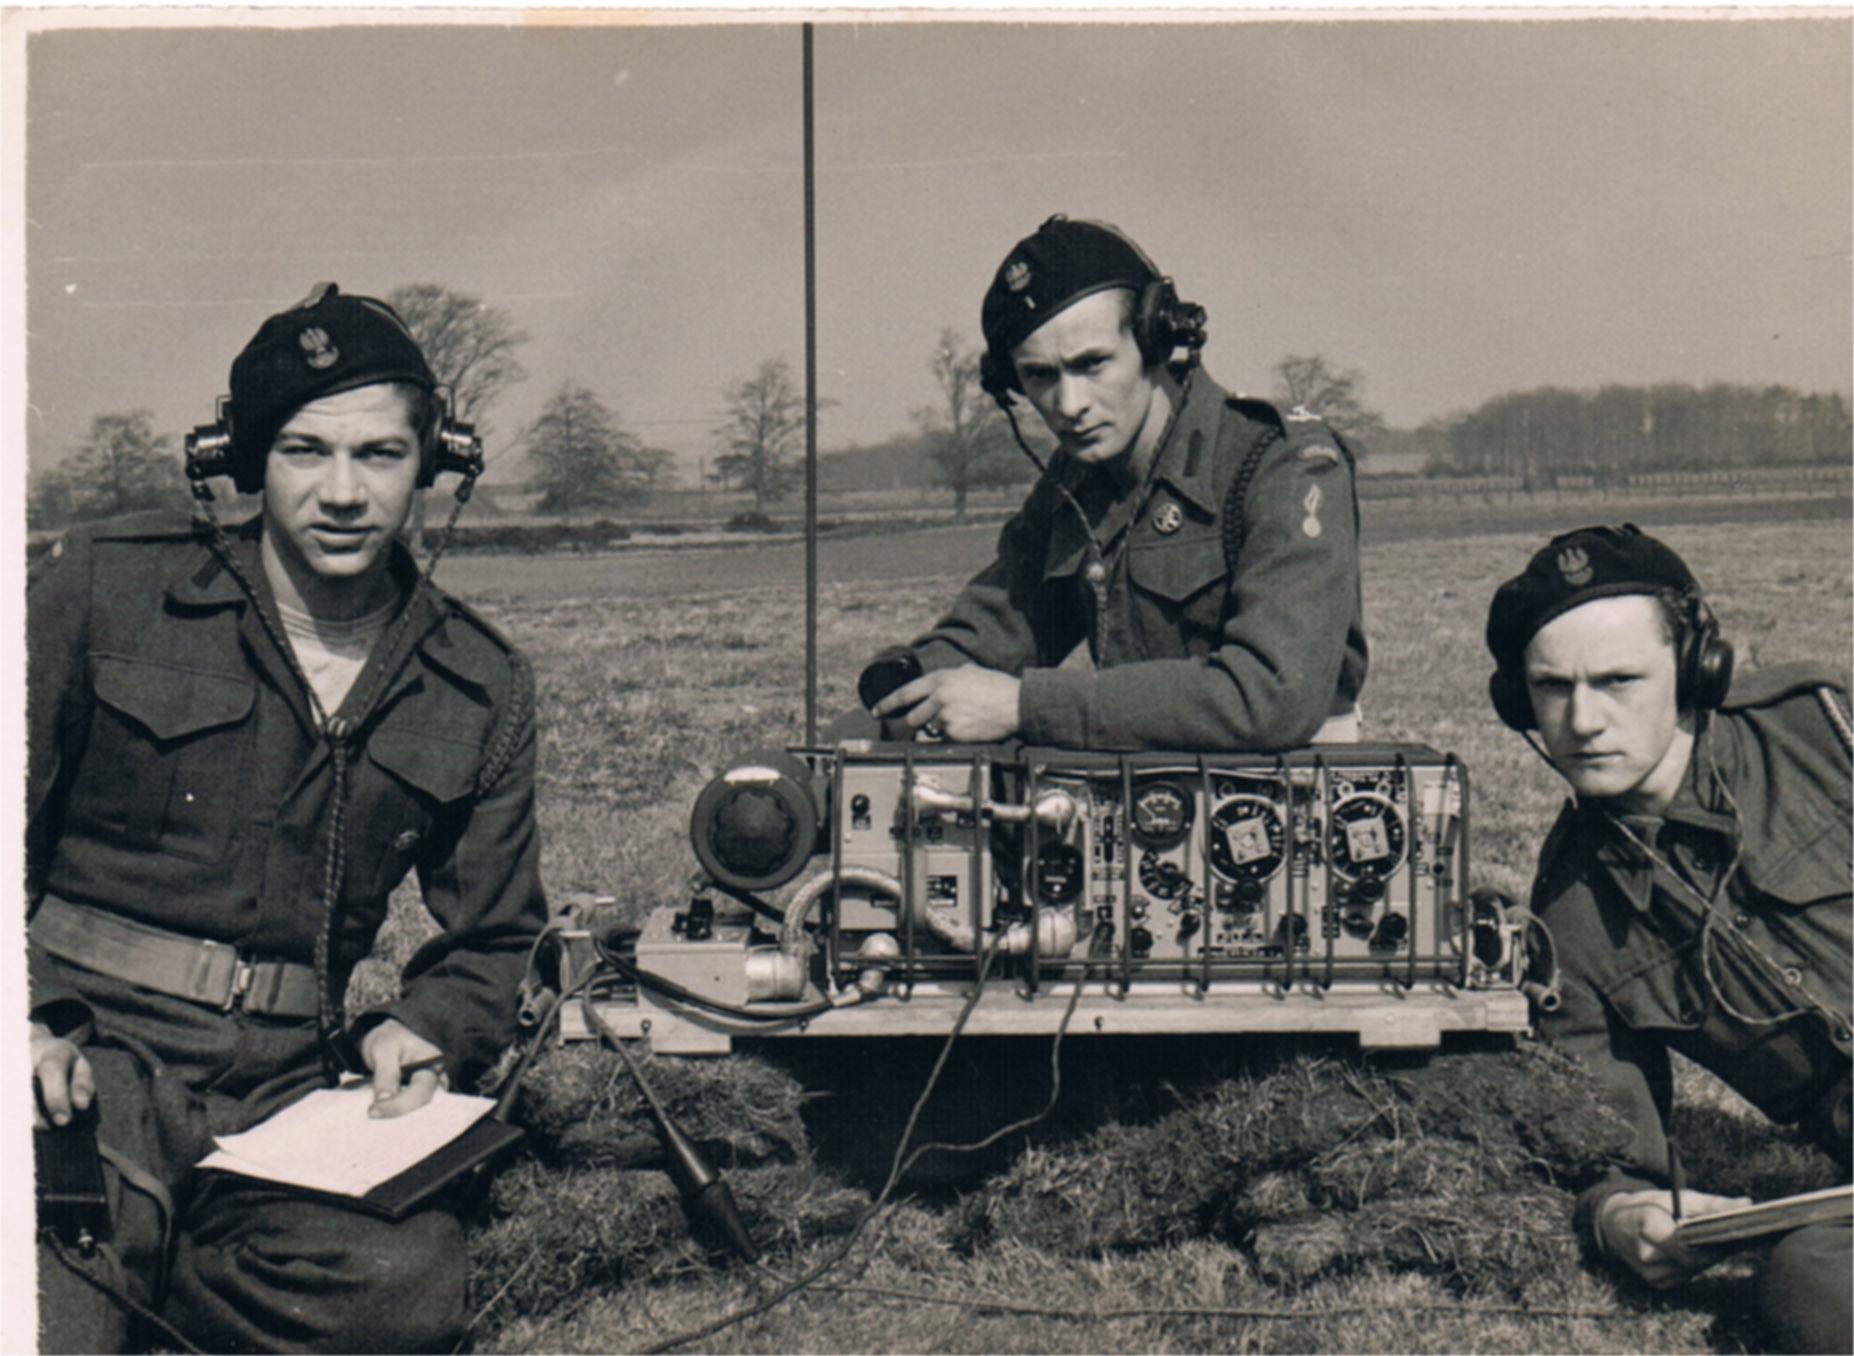 Roman Tudzierz w mundurze Polskich Sił Zbrojnych w Szkocji. 1946 rok.